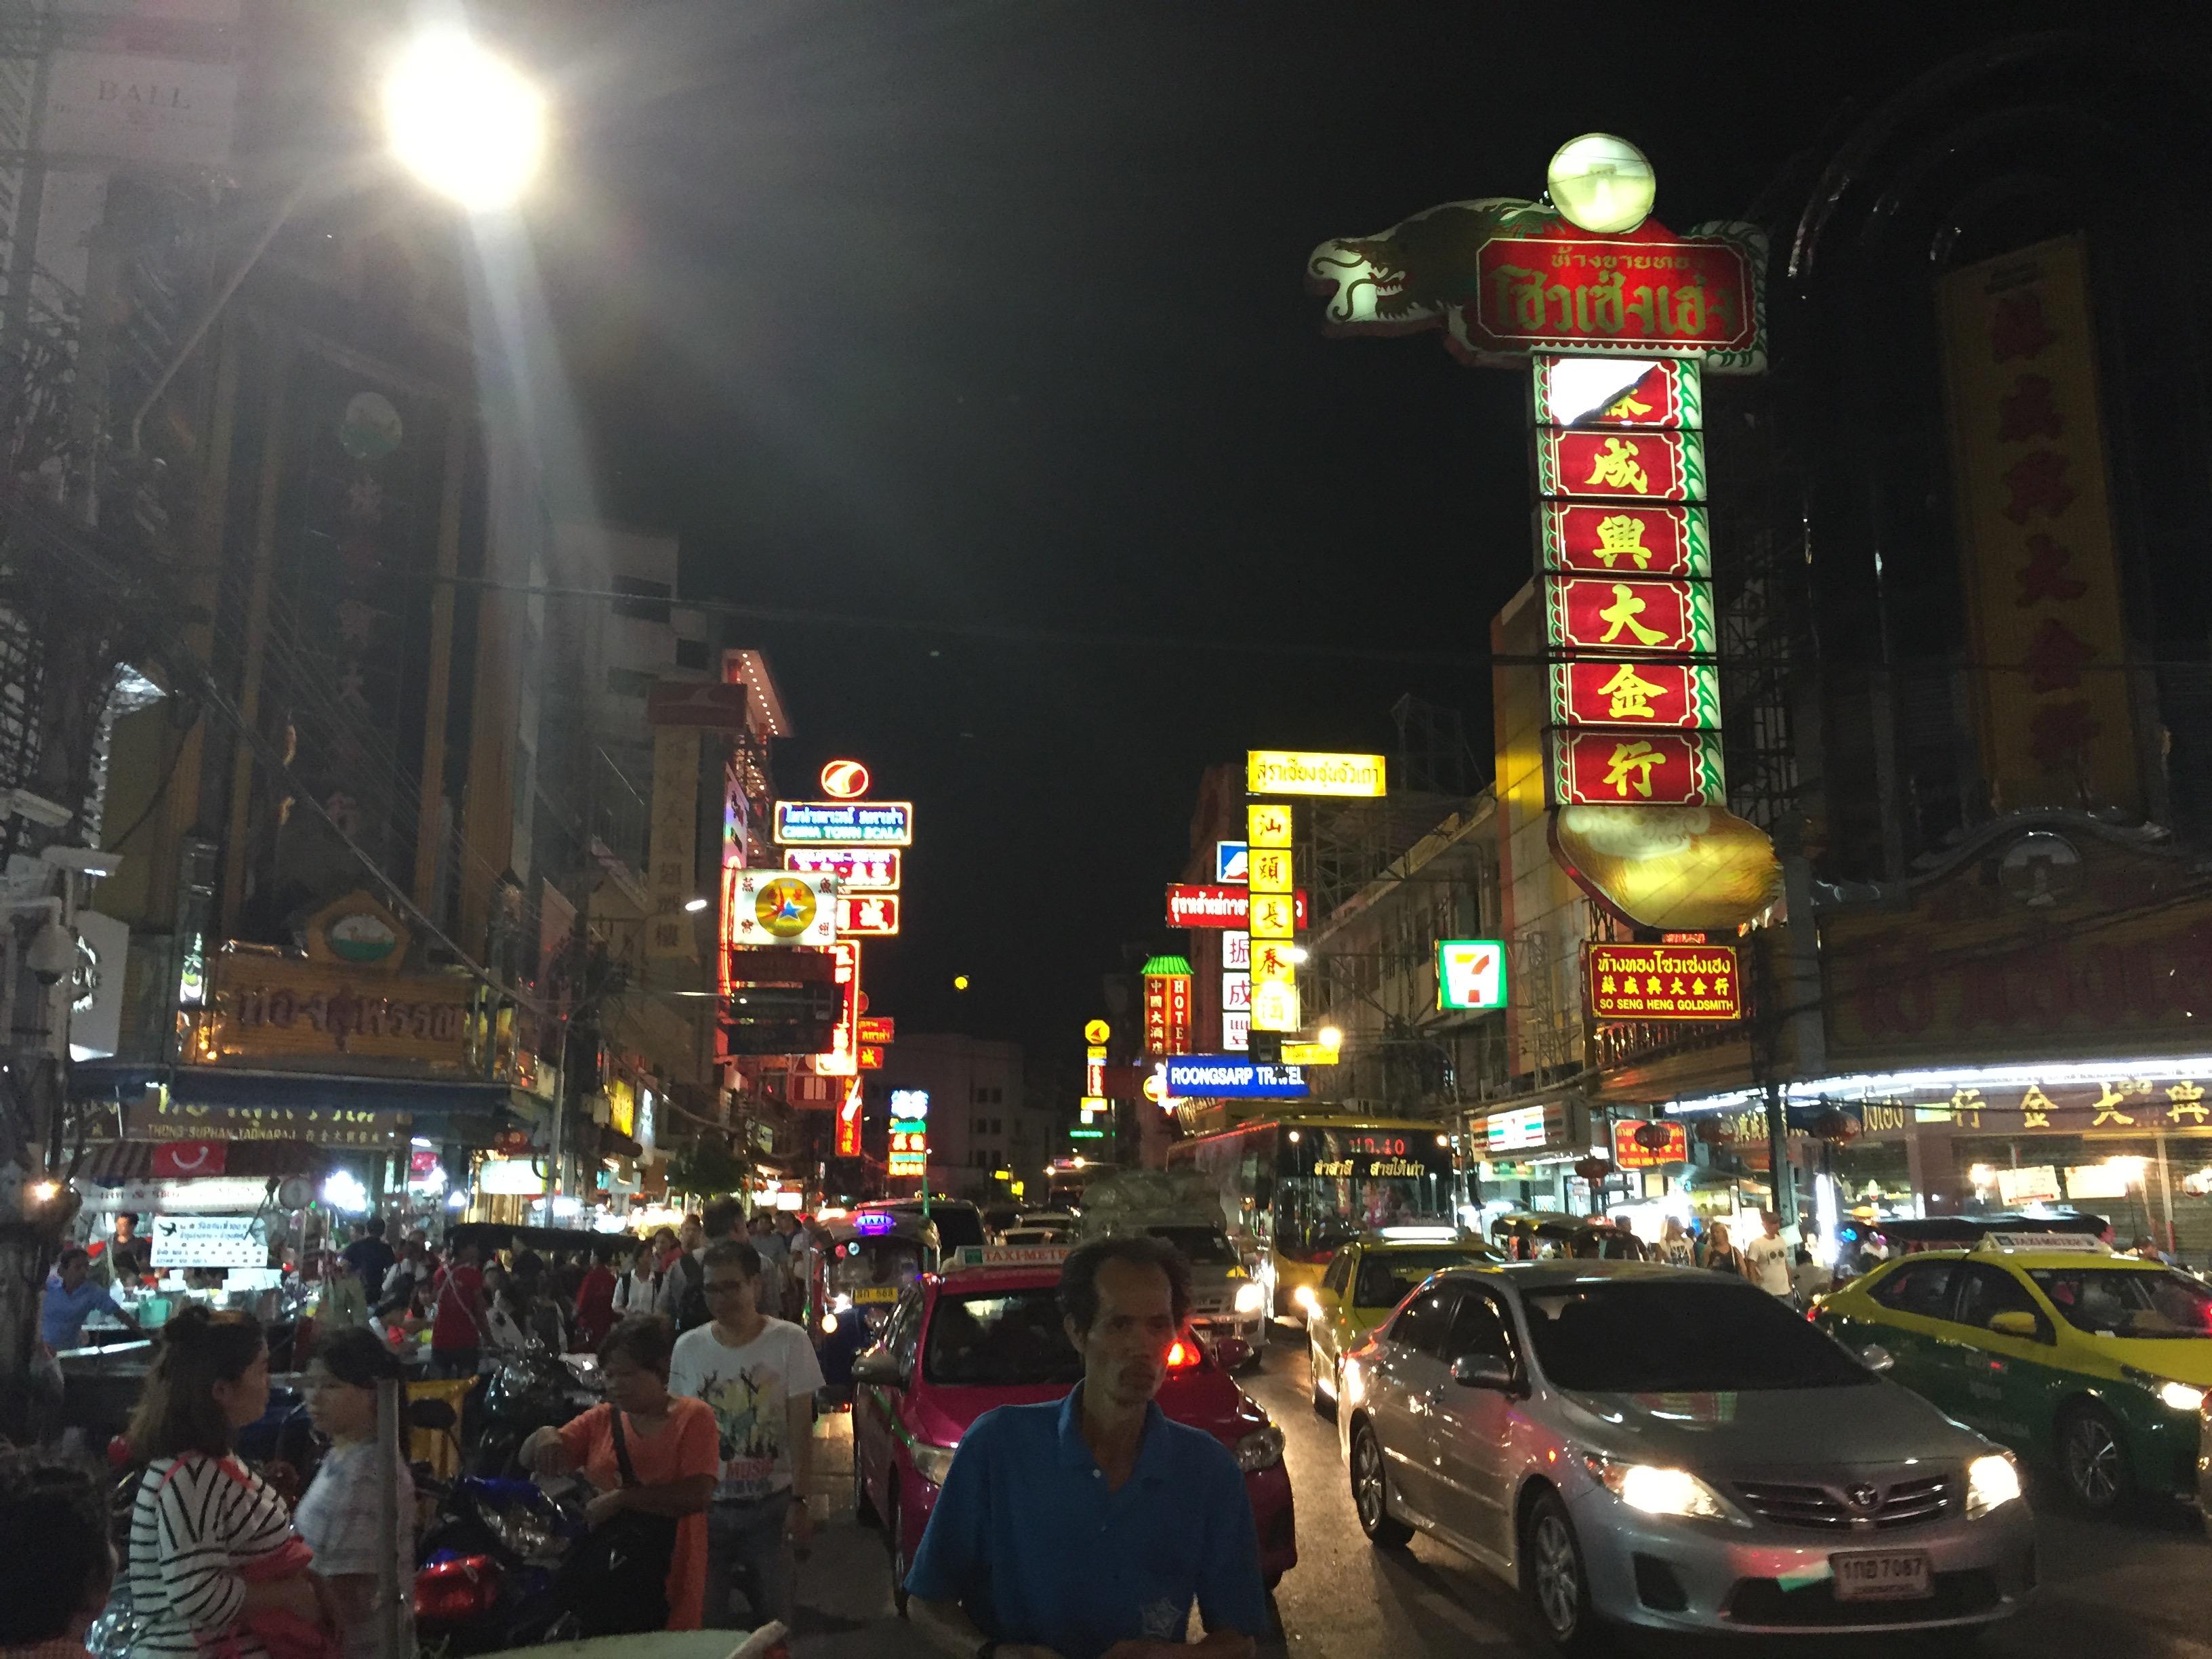 Bangkok China Town - very busy